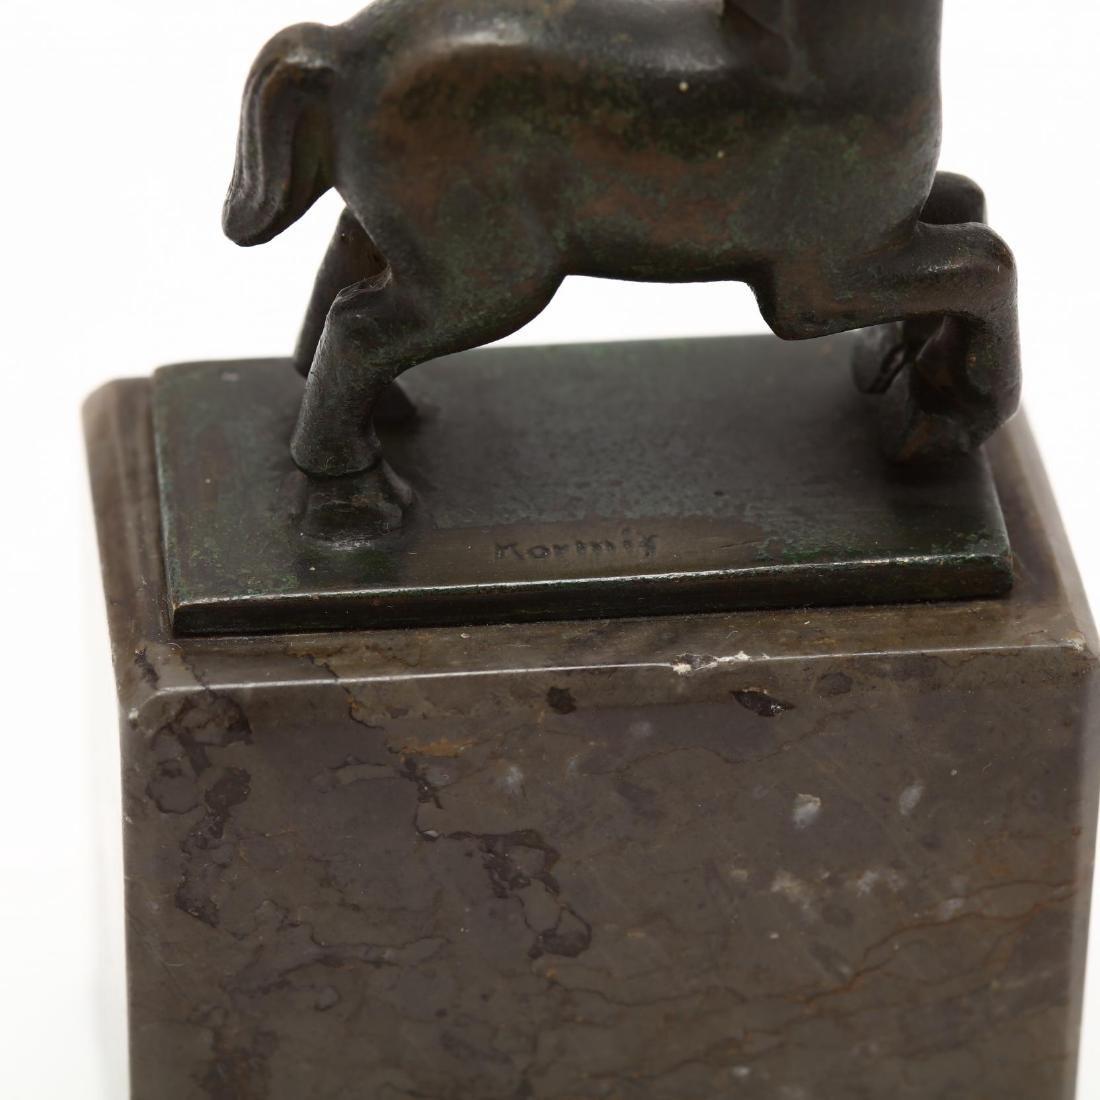 Fred Kormis (German/British, 1894-1986), Diminutive Art - 4